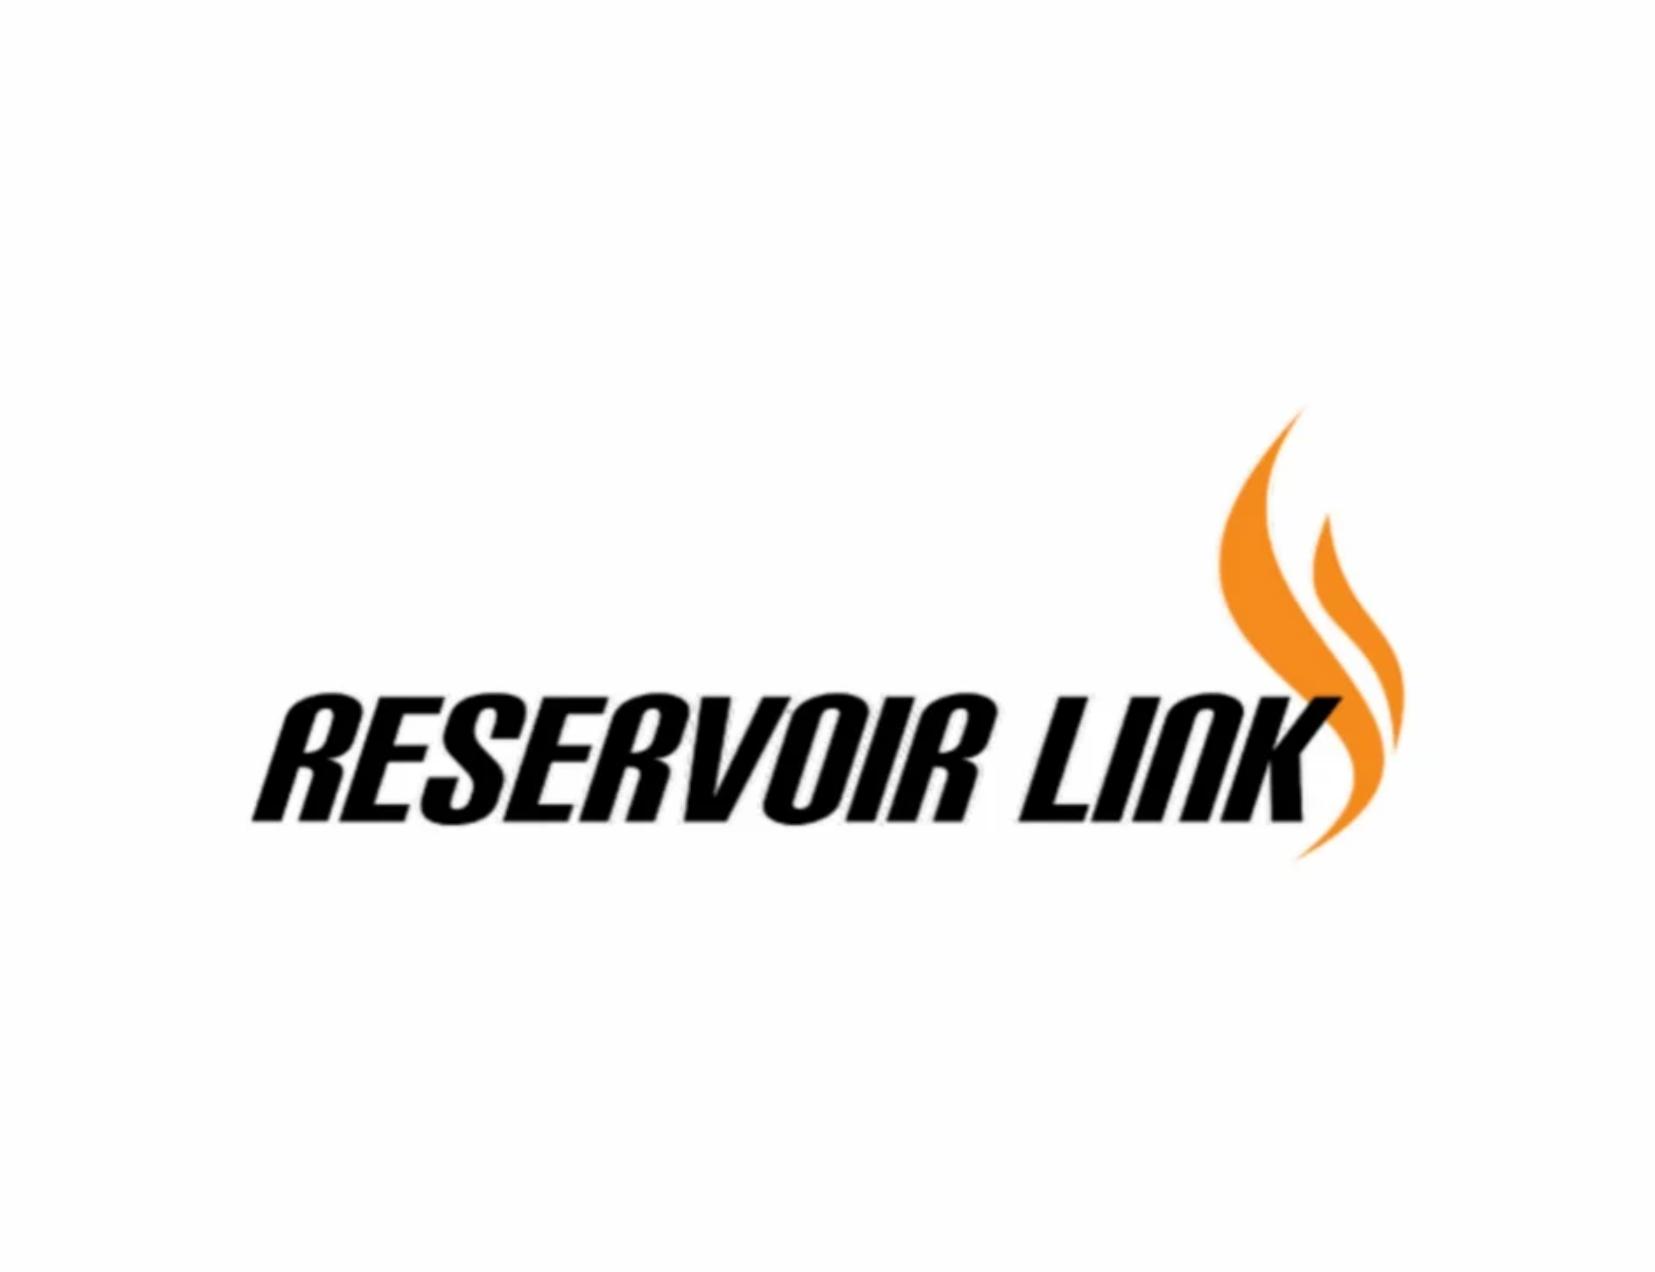 RL | RESERVOIR LINK ENERGY BHD